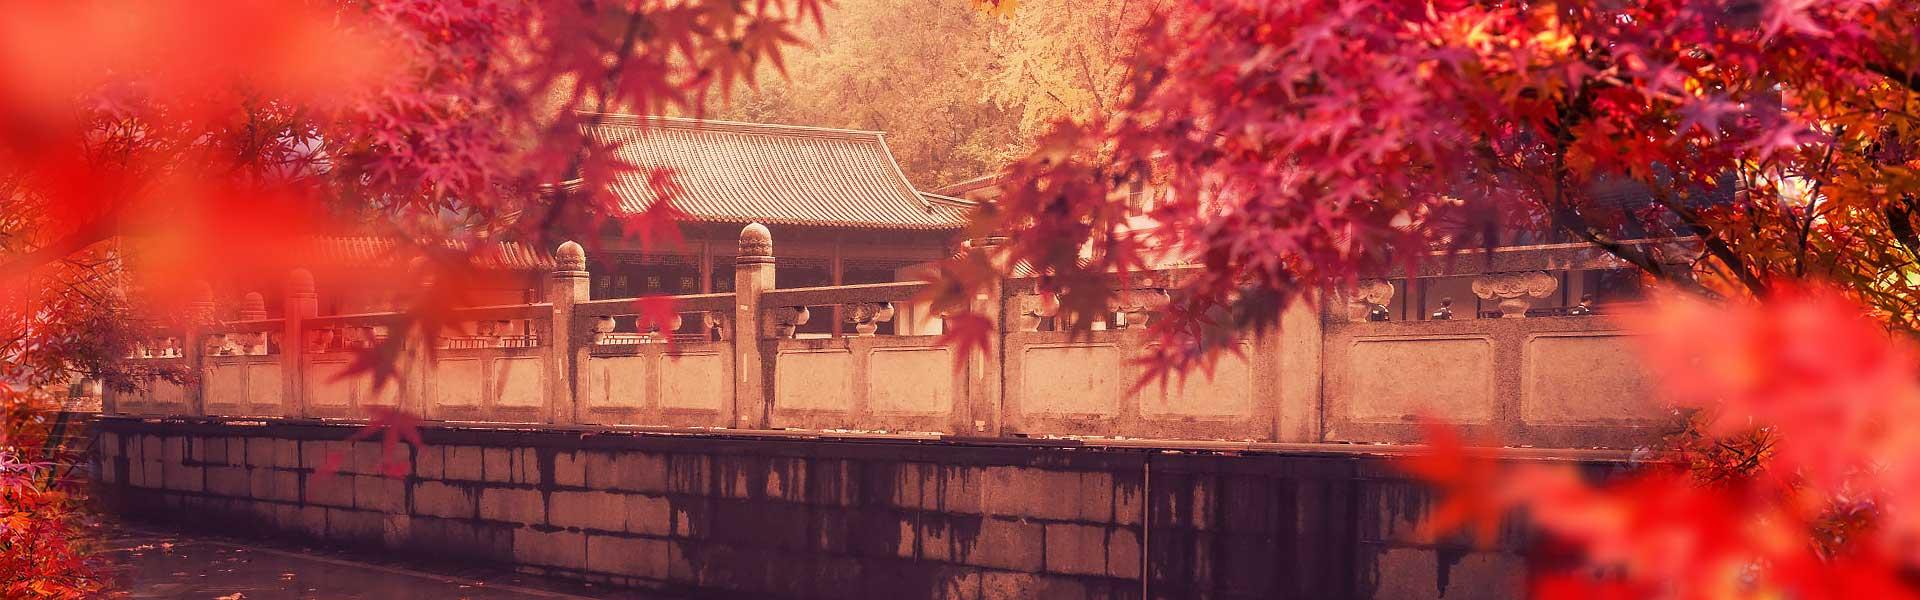 https://www.gonanjingchina.com/sites/default/files/fall-in-love-with-nanjing-autumn-in-nanjing-01_0.jpg